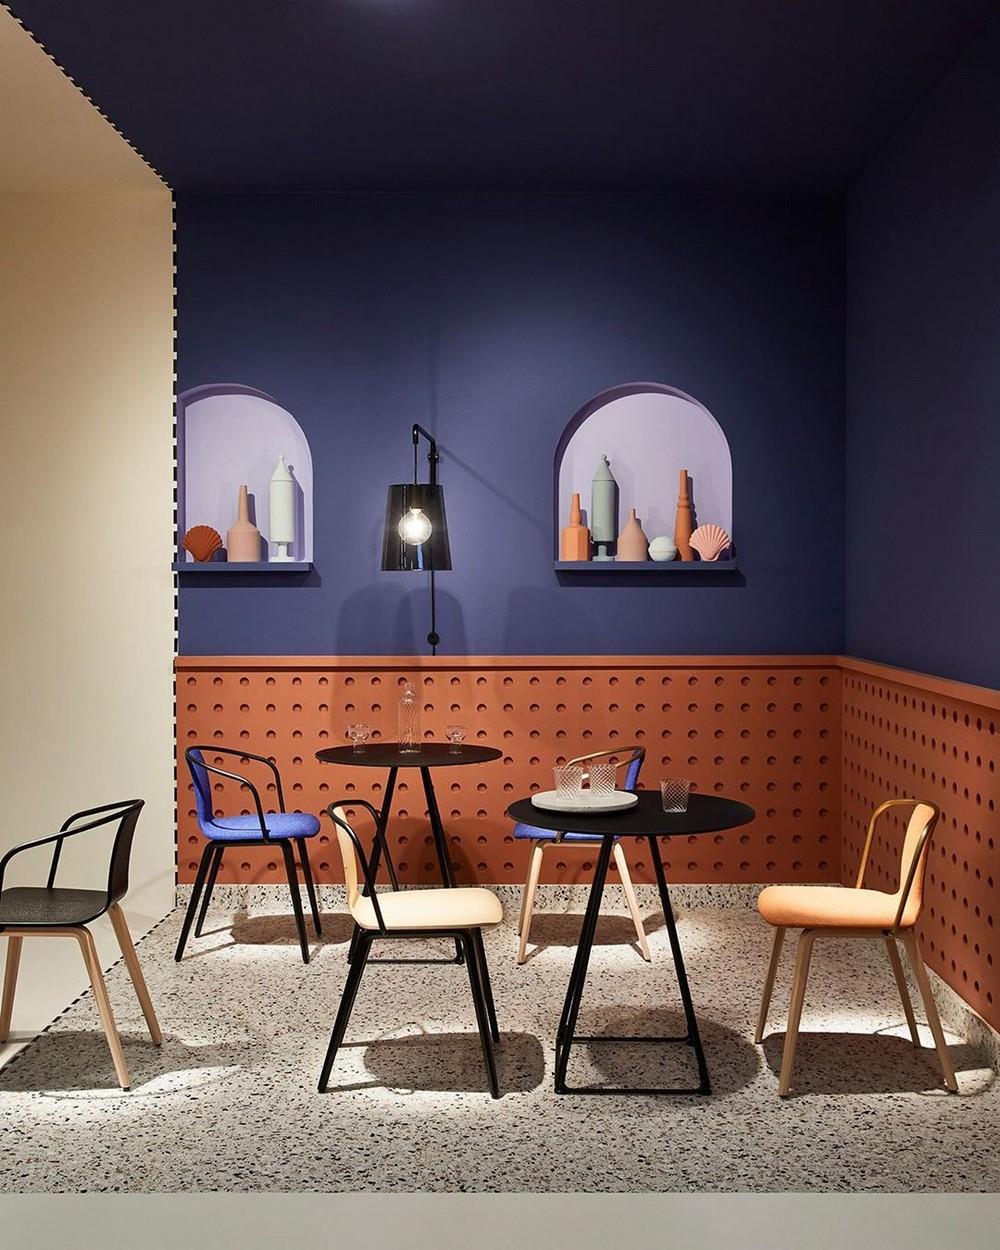 maison et objet Maison et Objet Review: One-of-a-Kind Furniture & Lighting Designs Maison et Objet Review One of a Kind Furniture Lighting Designs 18